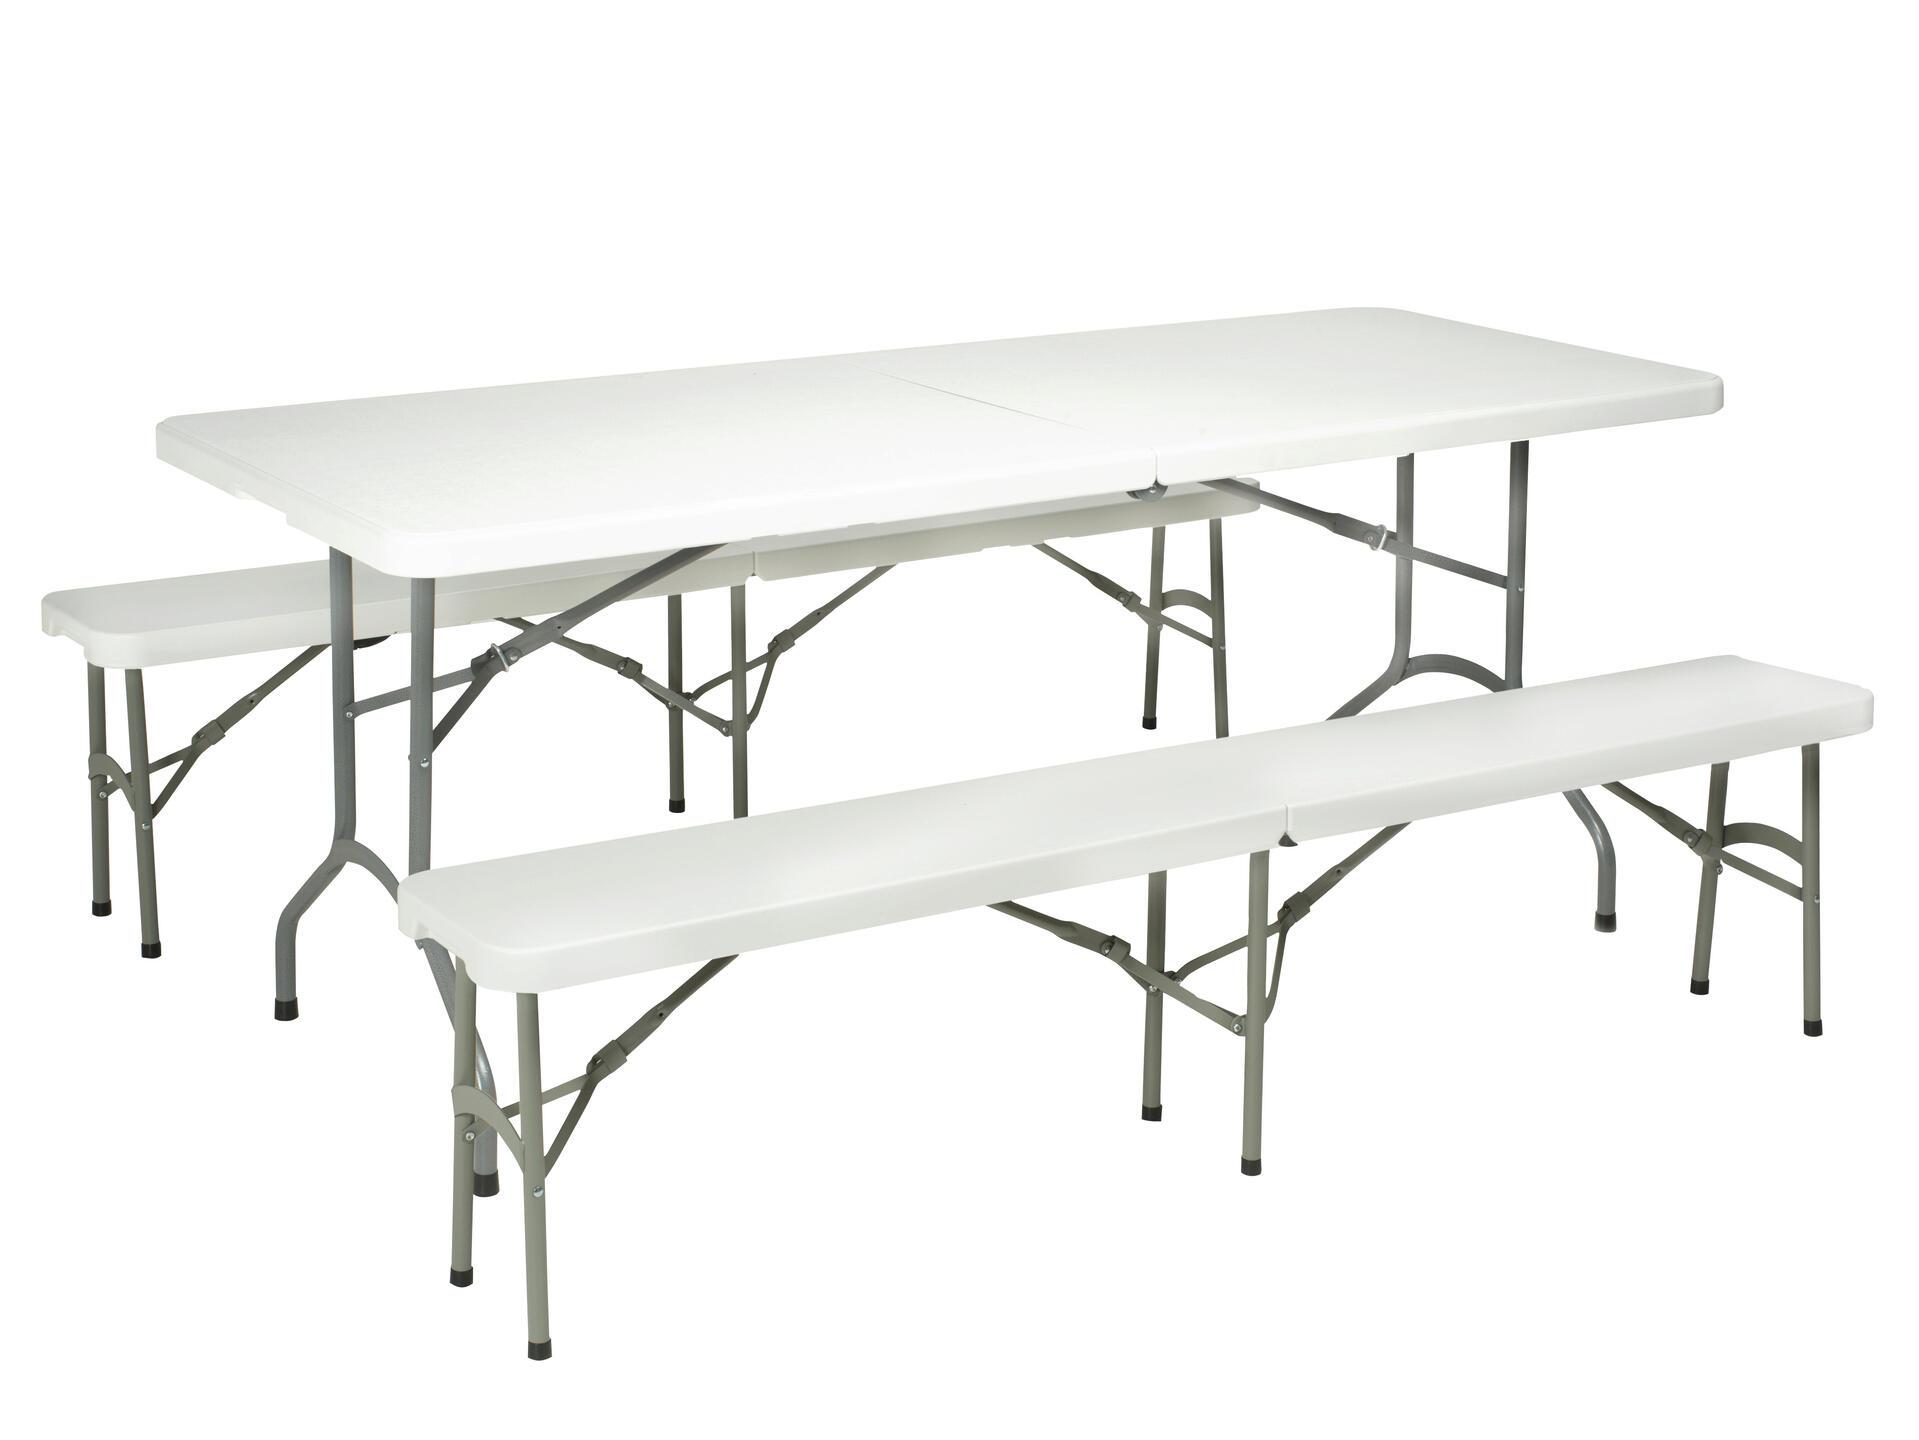 Table Pliante 180x74 Cm Blanc Hubo